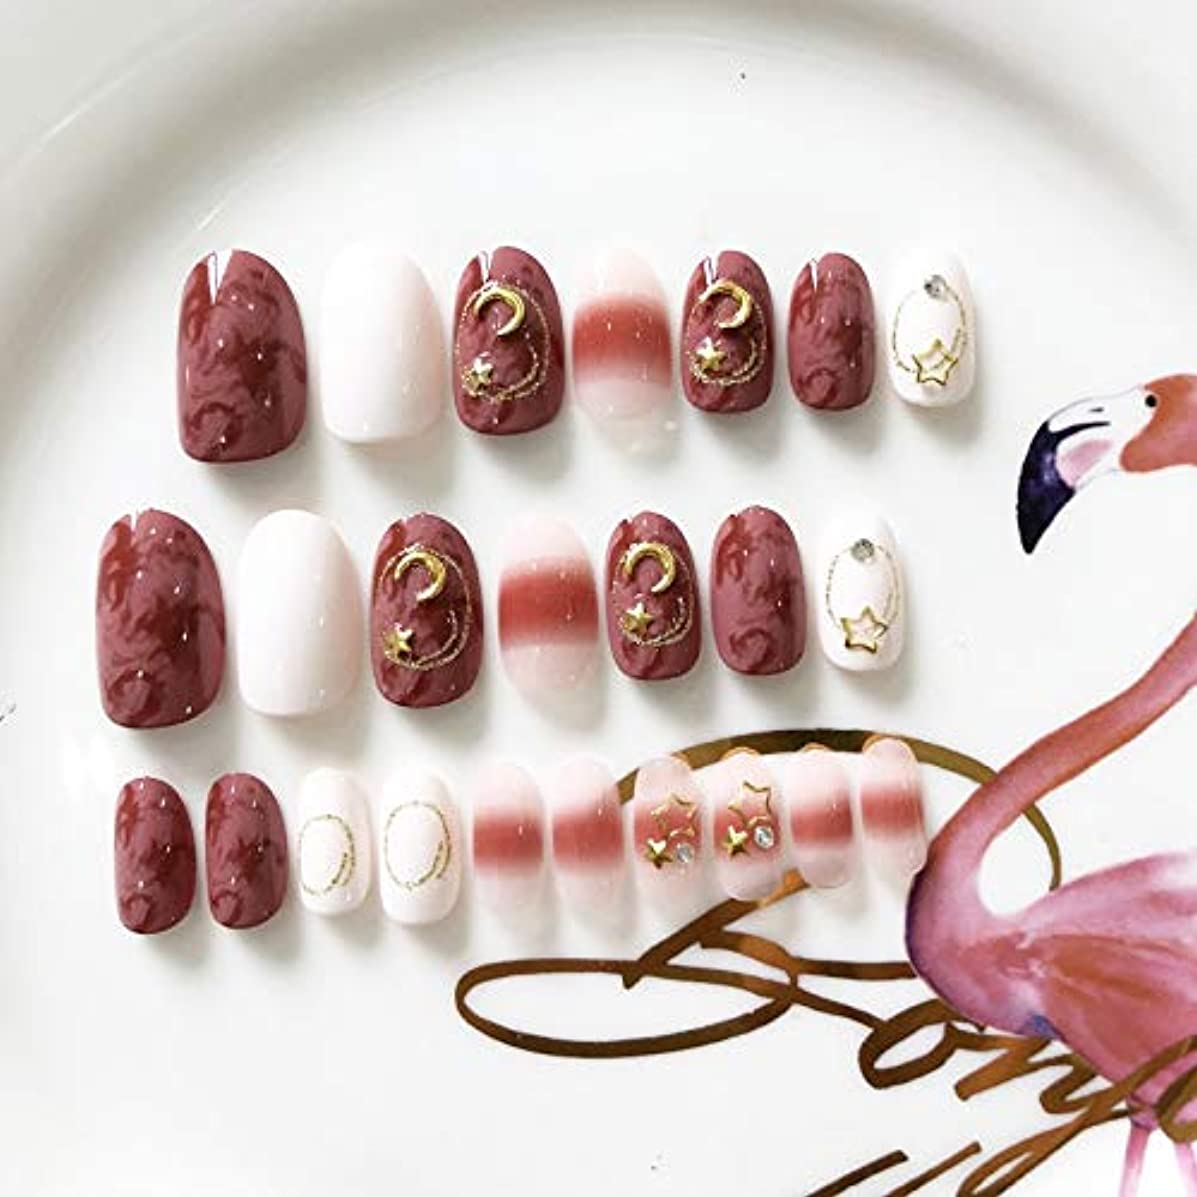 吸収する軍ハブXUANHU HOME 人工偽爪滑らかな楕円ピンクフルカバー偽爪24pcs 12サイズ